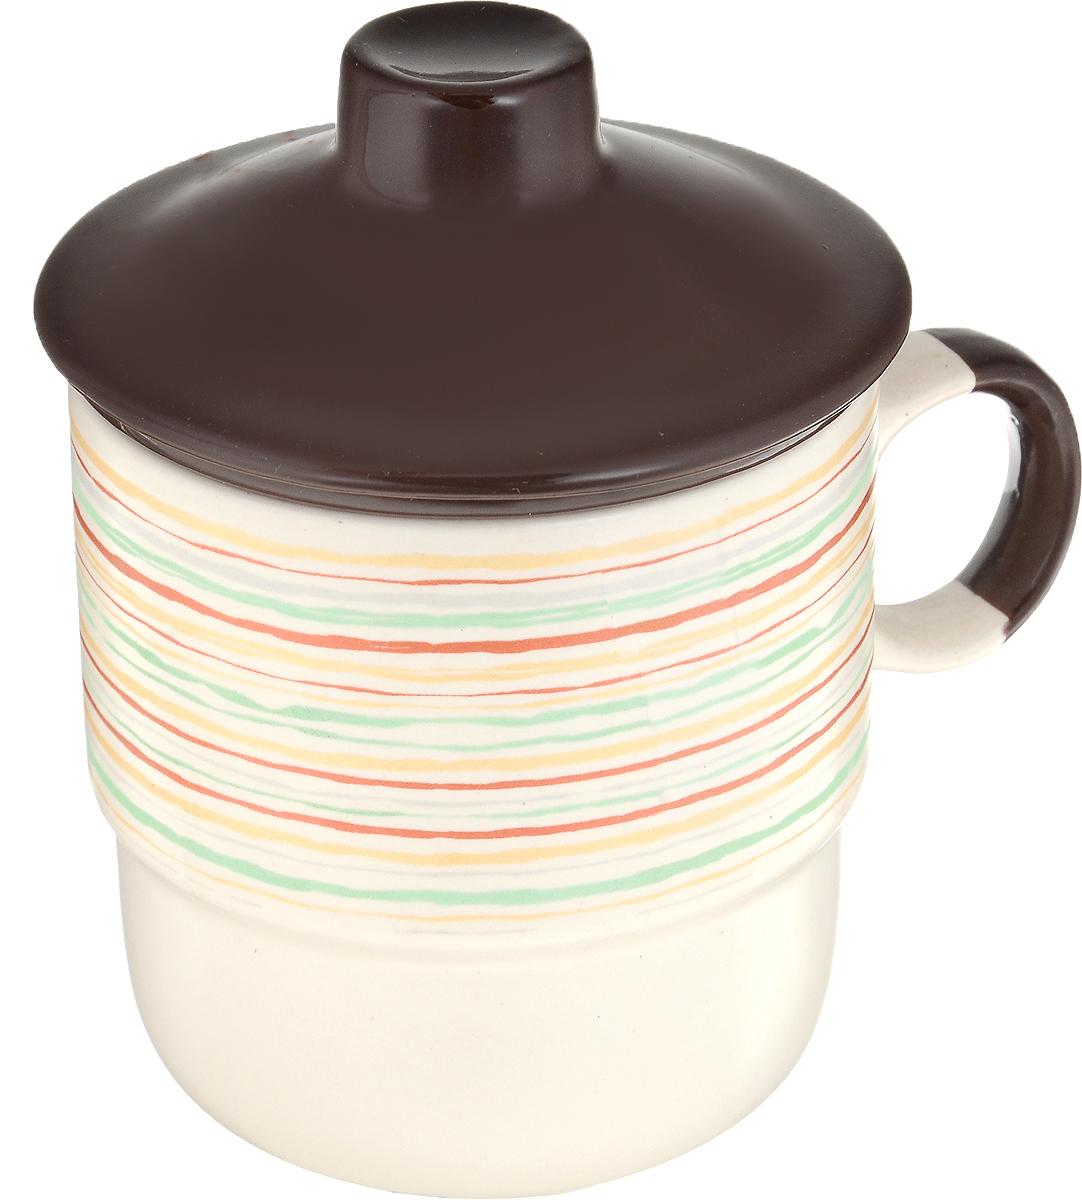 Кружка Bella, цвет: светло-бежевый, 310 млKR-SCD194-1128Для использования в домашнем обиходе. Срок годности не ограничен.Изделие рекомендуется мыть вручную с применением любых моющих средств, предназначенных для мытья посуды и стекла. Применение чистящих абразивных средств не рекомендуется, так как может привести к появлению царапин на поверхности изделия и, соответственно, кухудшению его внешнего вида. Объем 310 мл.